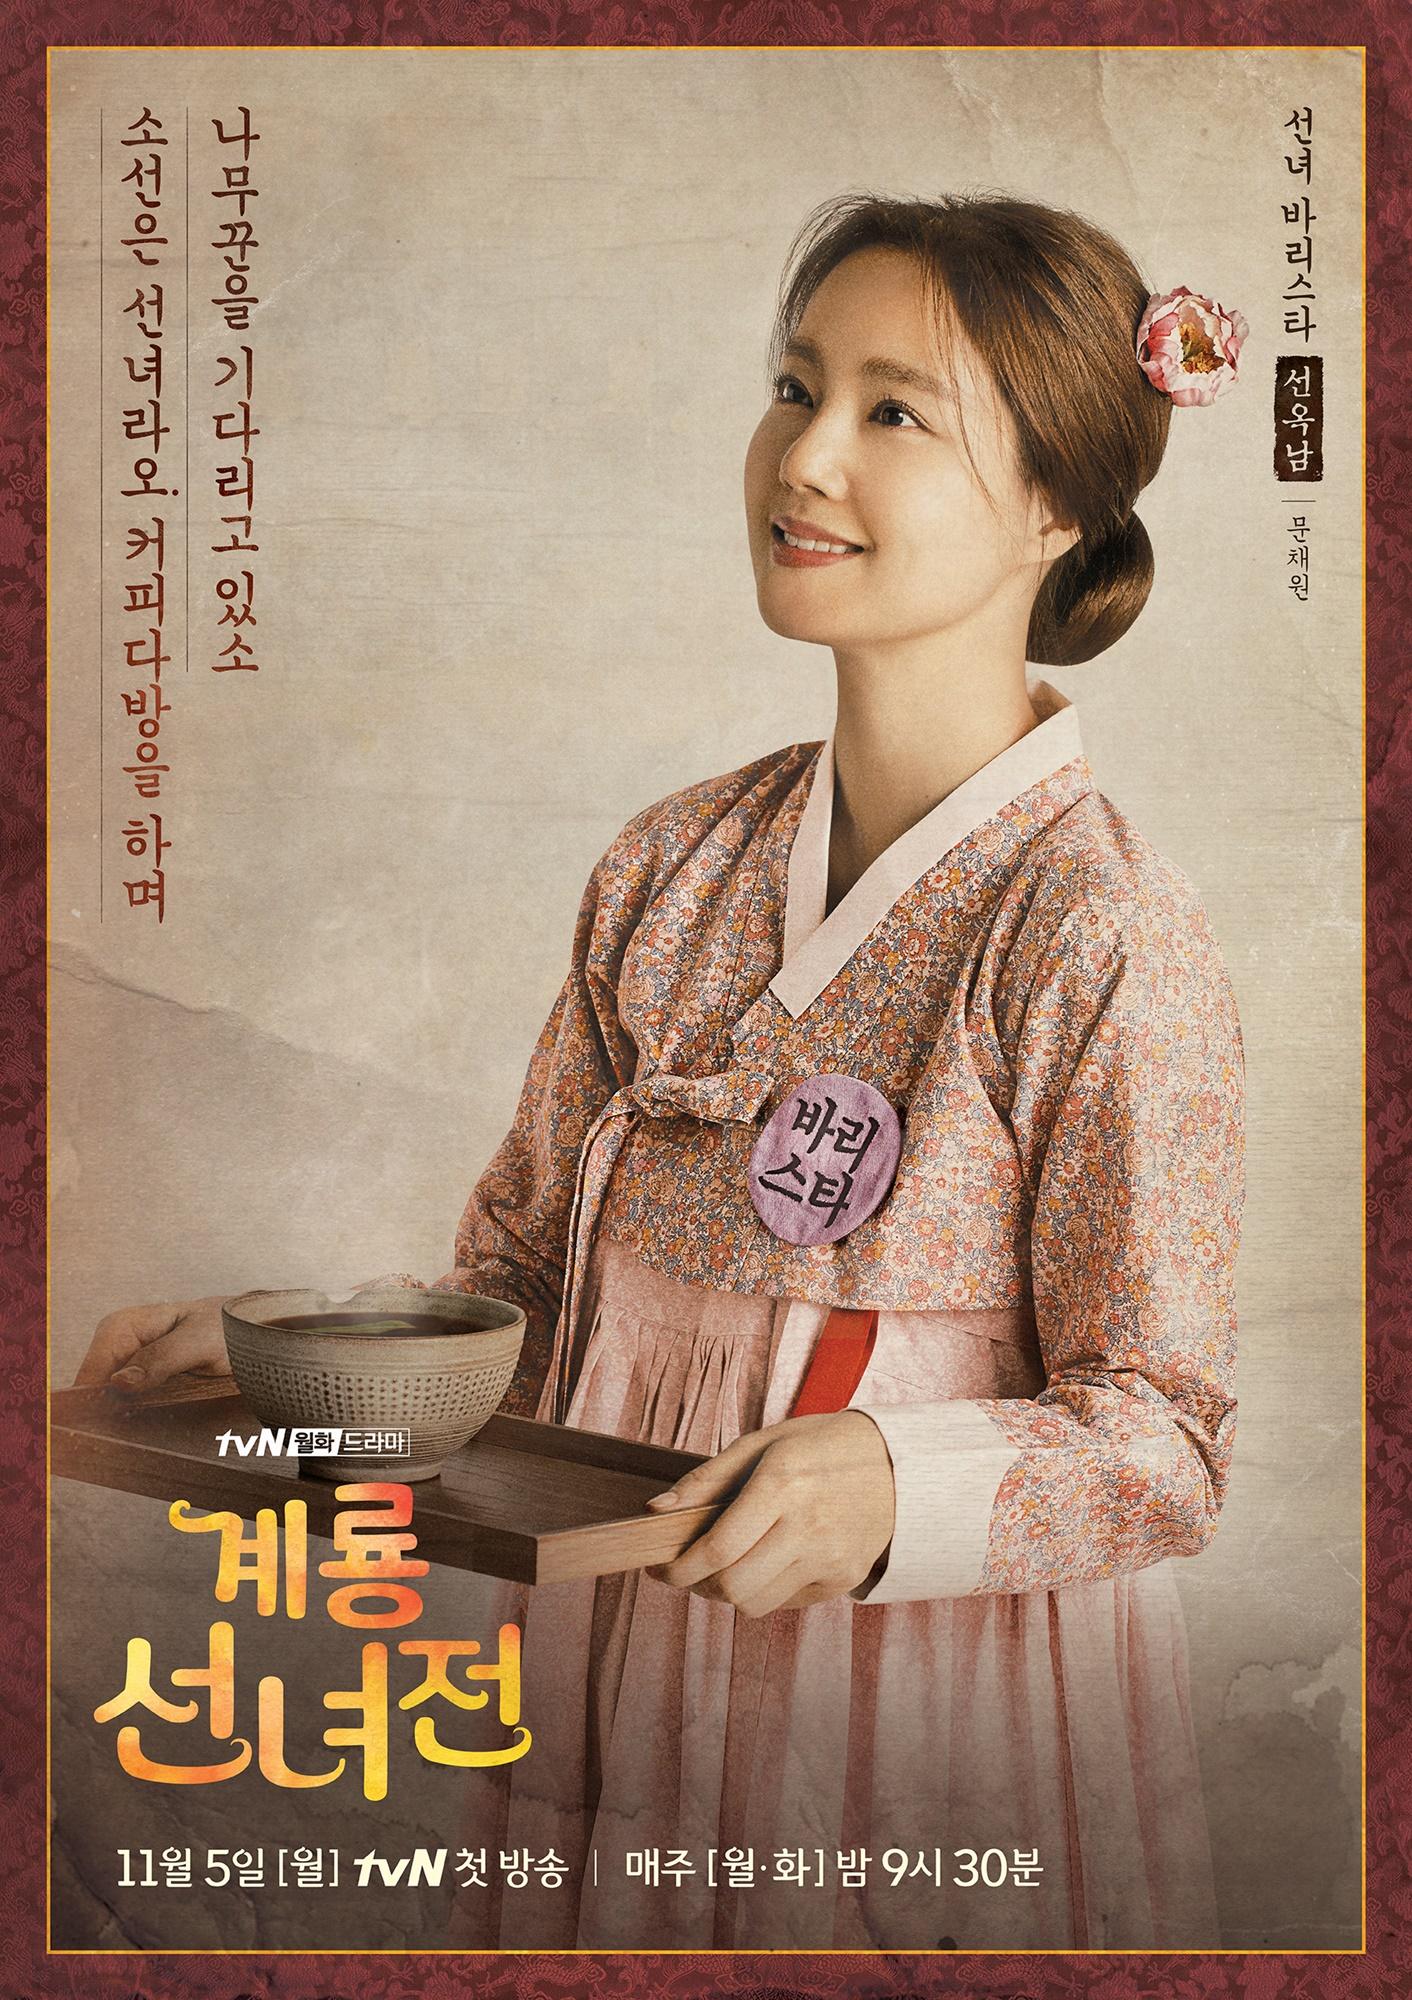 181015 - (2) tvN [계룡선녀전] 캐릭터 포스터로 먼저 만나는 계룡선녀전!.jpg